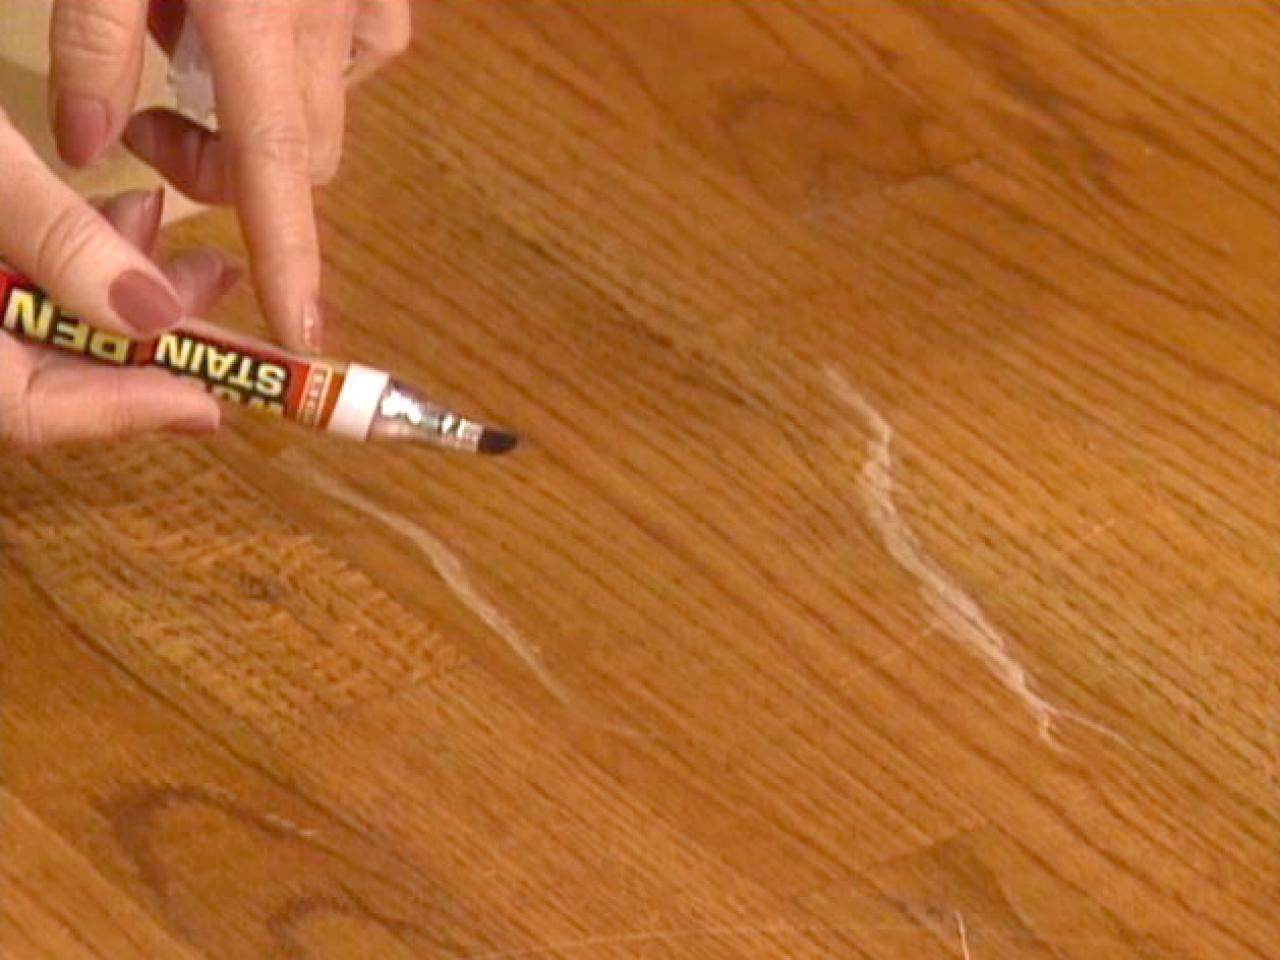 Как убрать царапины с паркетной доски в домашних условиях